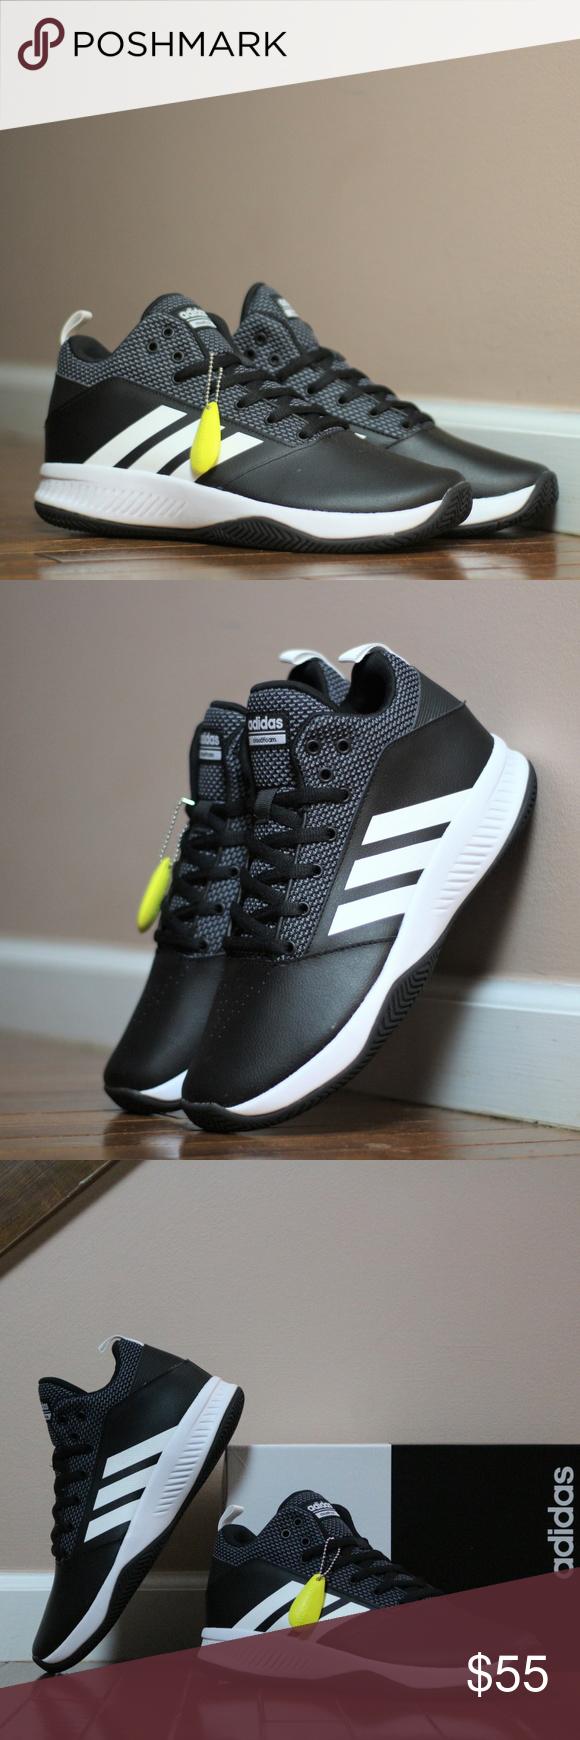 Adidas Men s Basketball Shoes DA9872 Brand New 142011f19